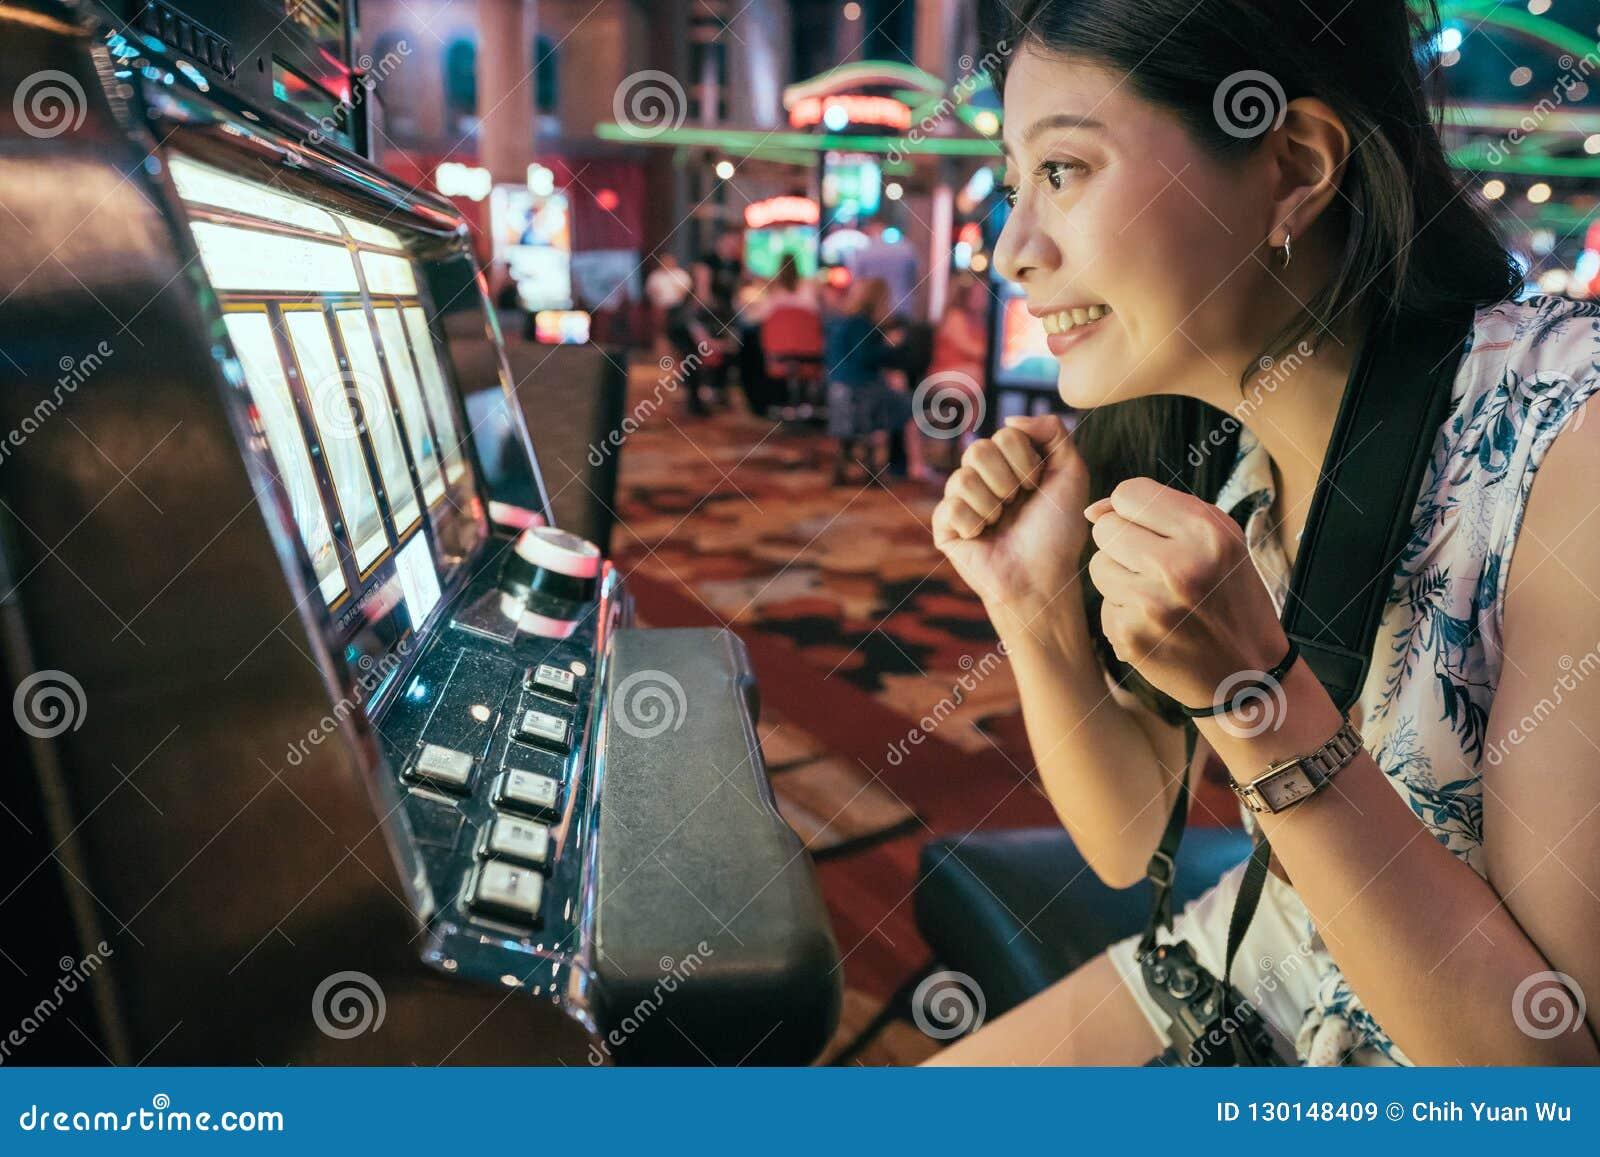 Asian gambling in casino playing slot machines